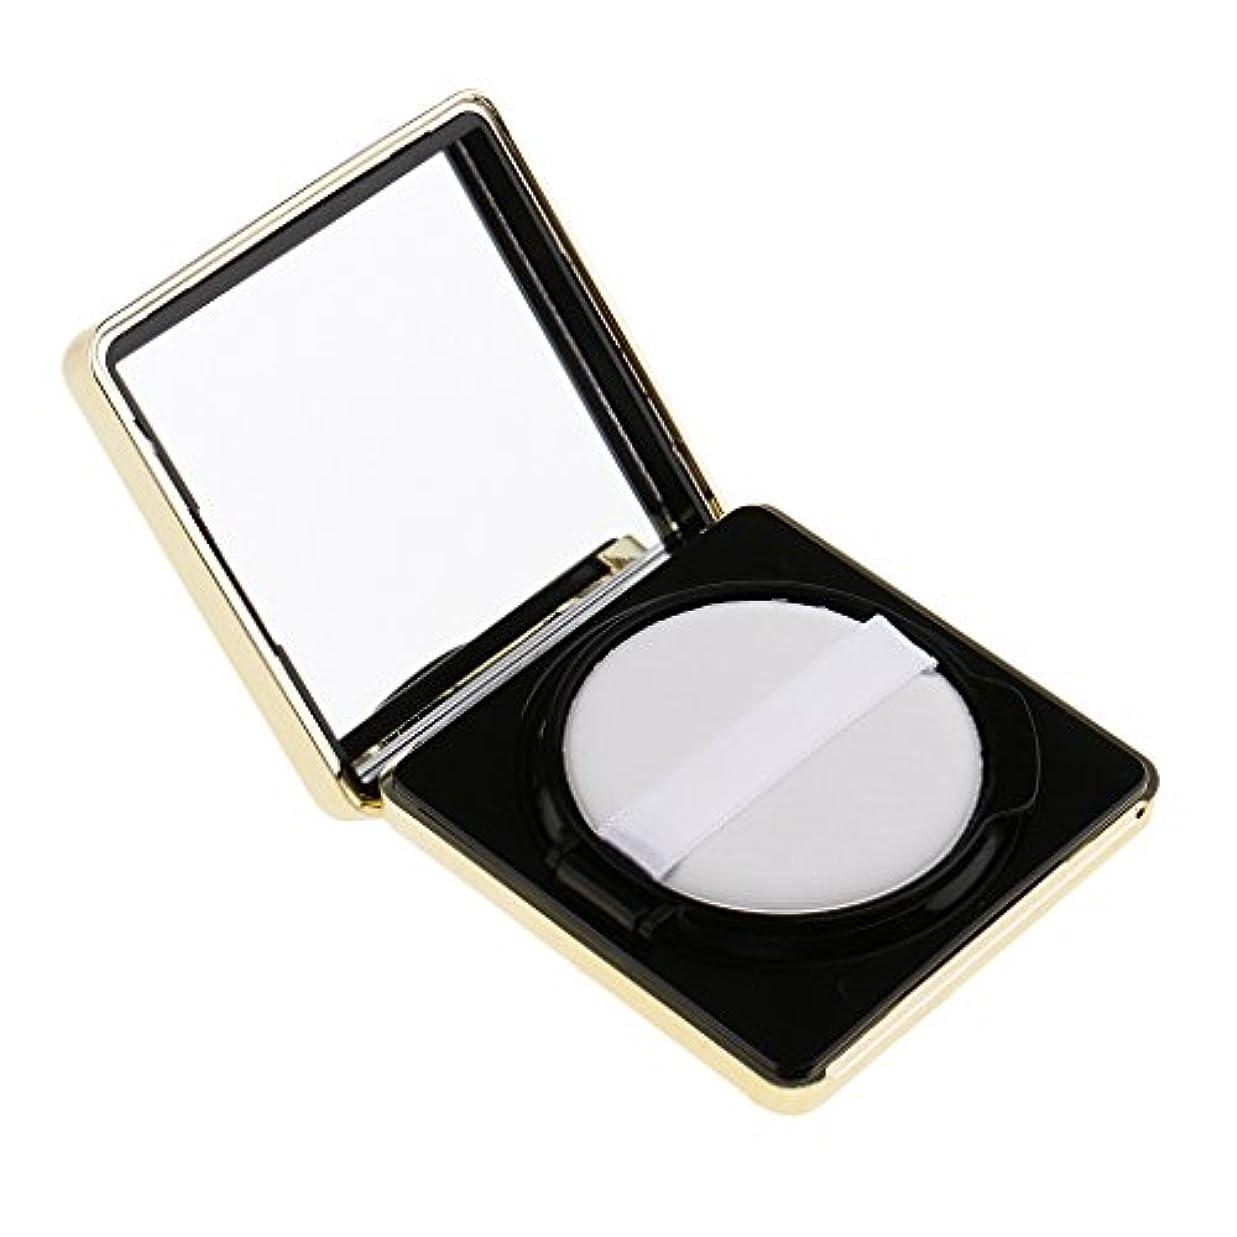 に話す金貸しパドルエアクッションボックス パウダーパフ コスメ パフ 空パレット メイクアップ DIY 化粧品 詰替え 旅行 便利 3色選べる - ブラック